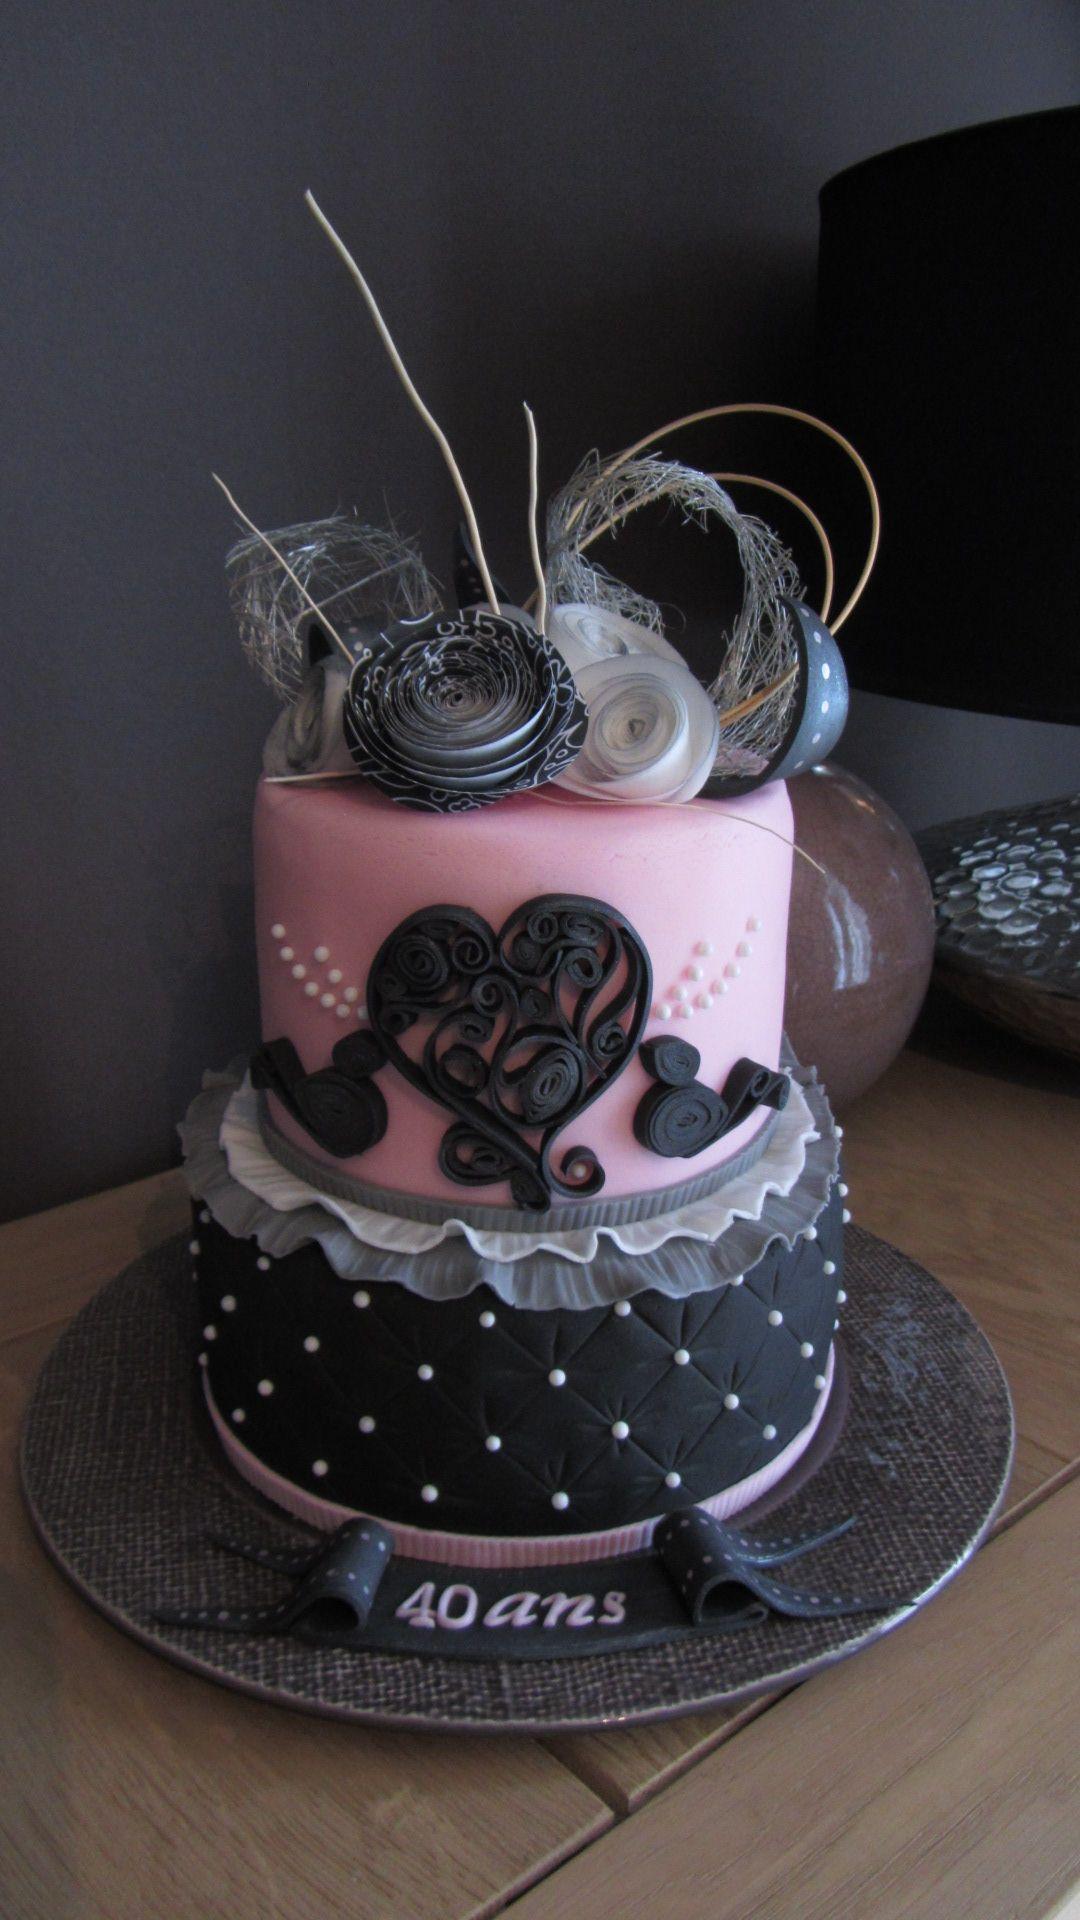 Gâteau Anniversaire 40 Ans De Mariage Pâte à Sucre Avril 2015